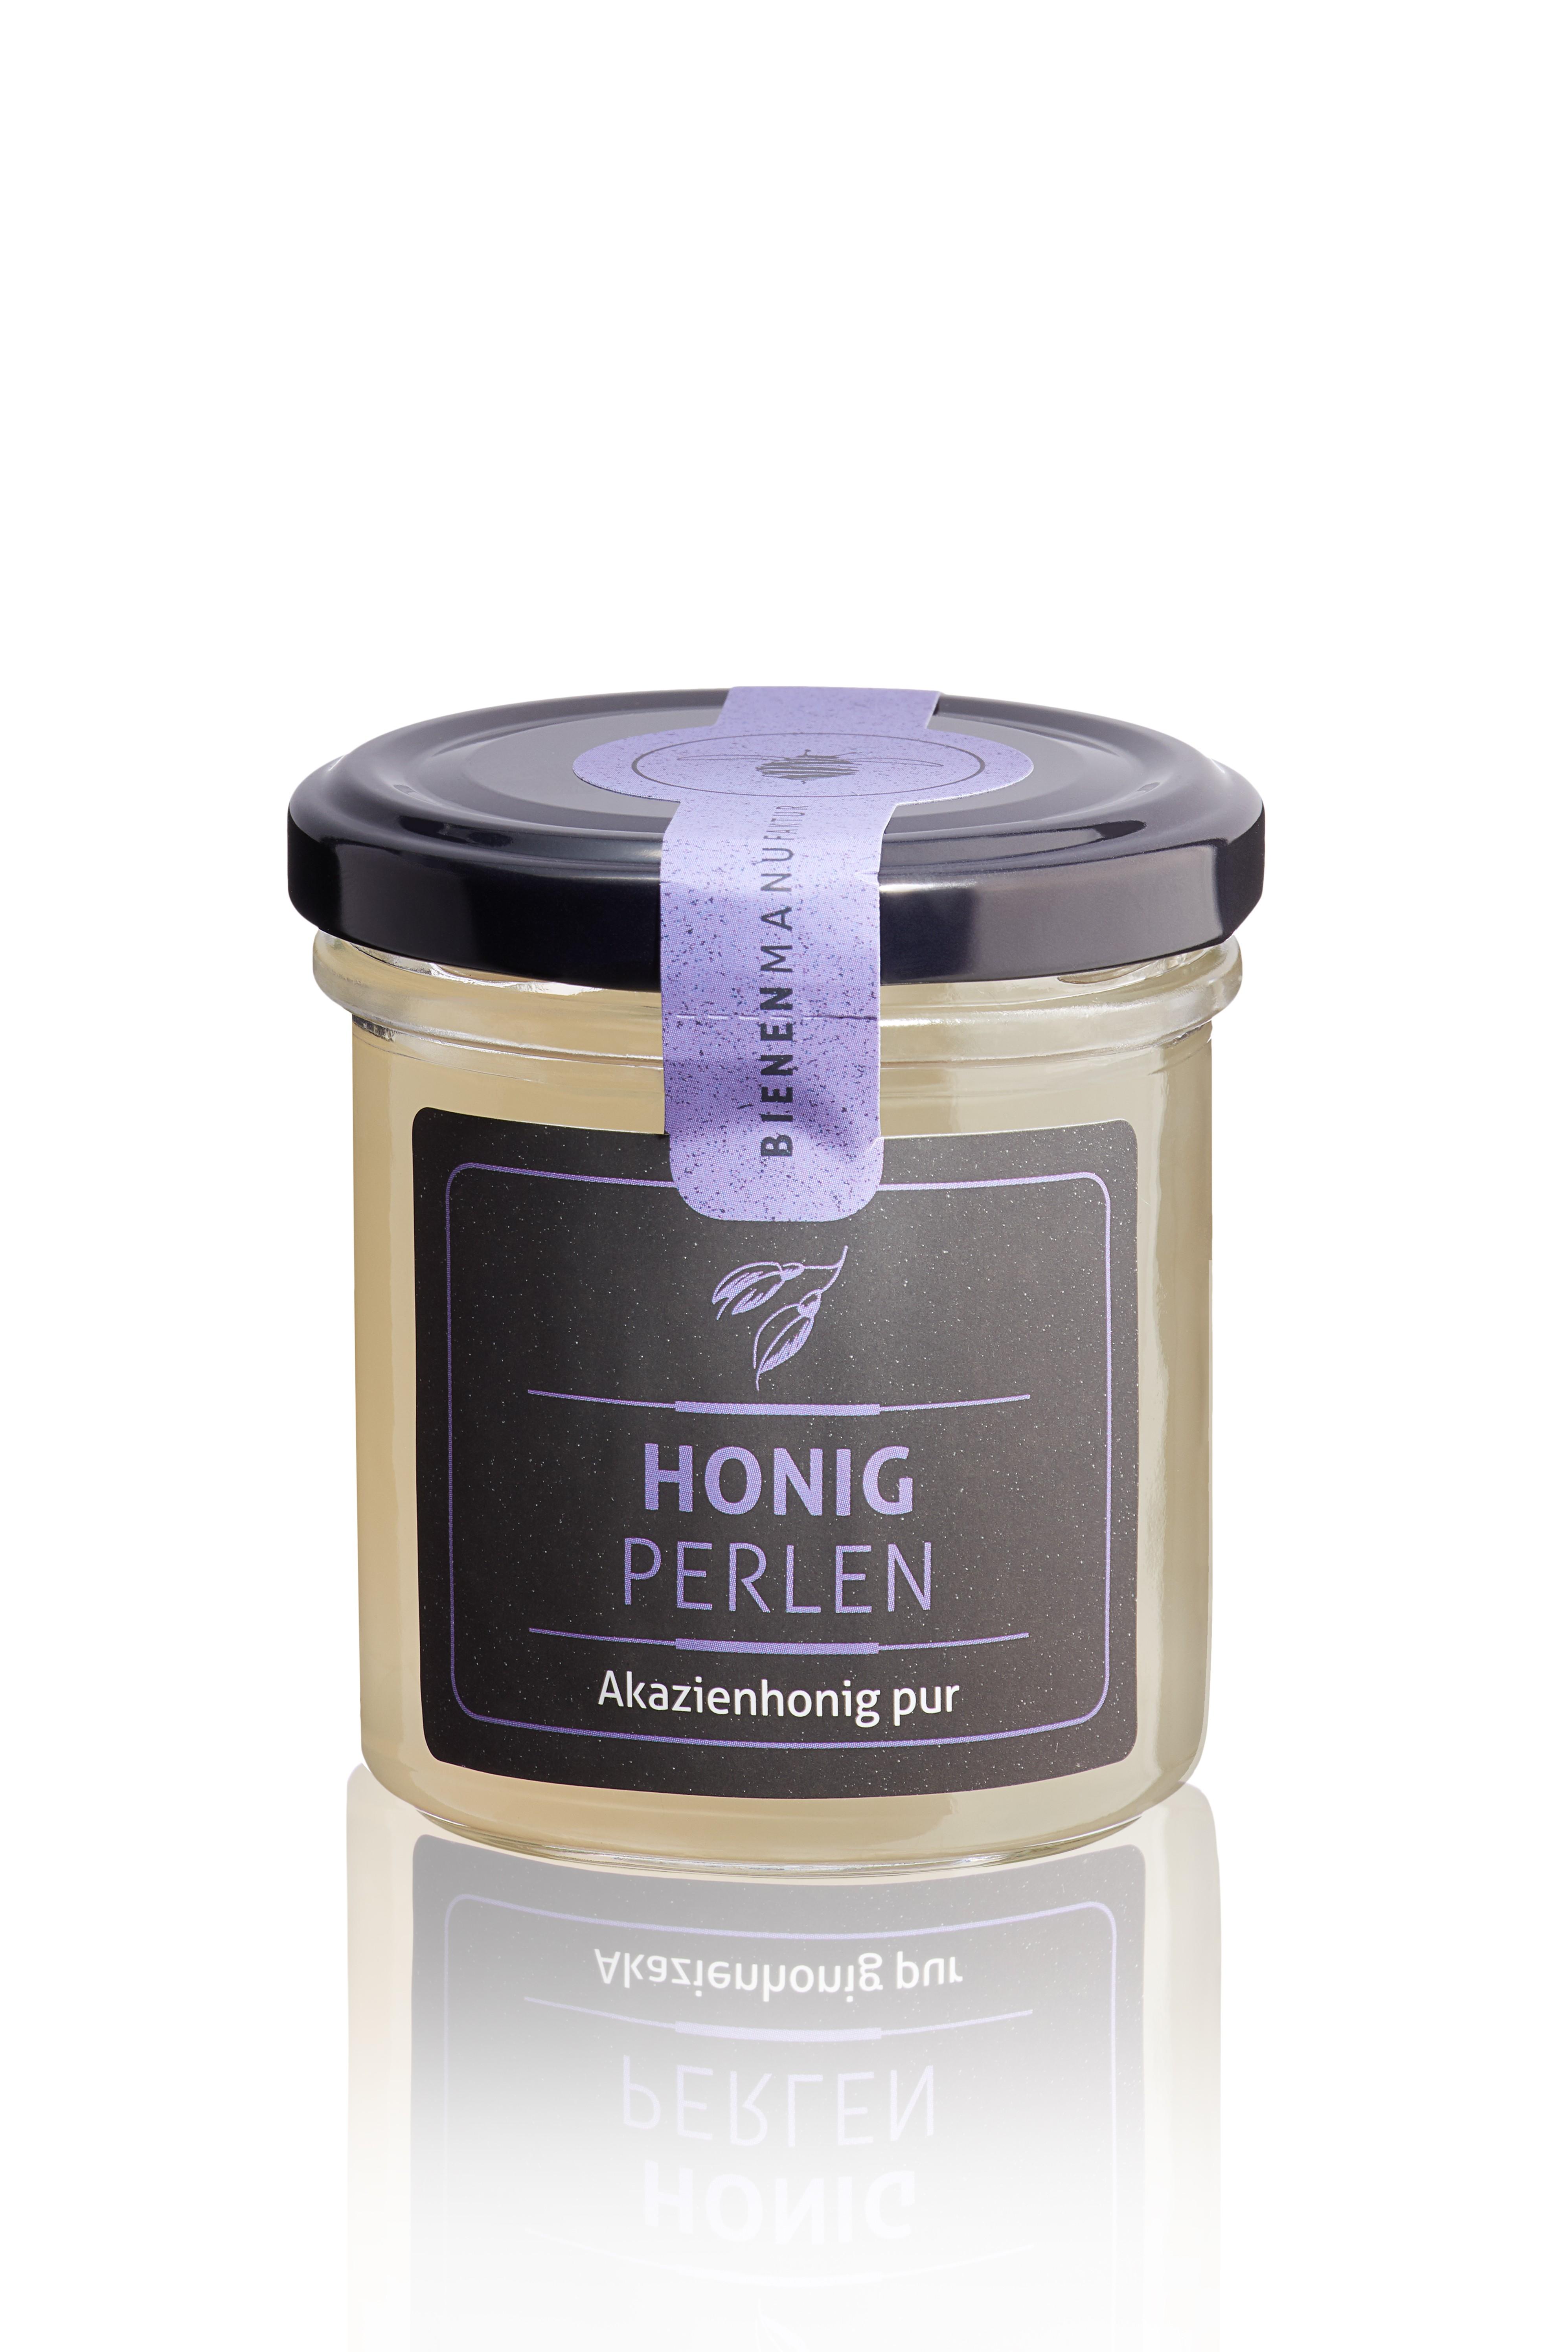 Honigperlen Akazienhonig pur 150g